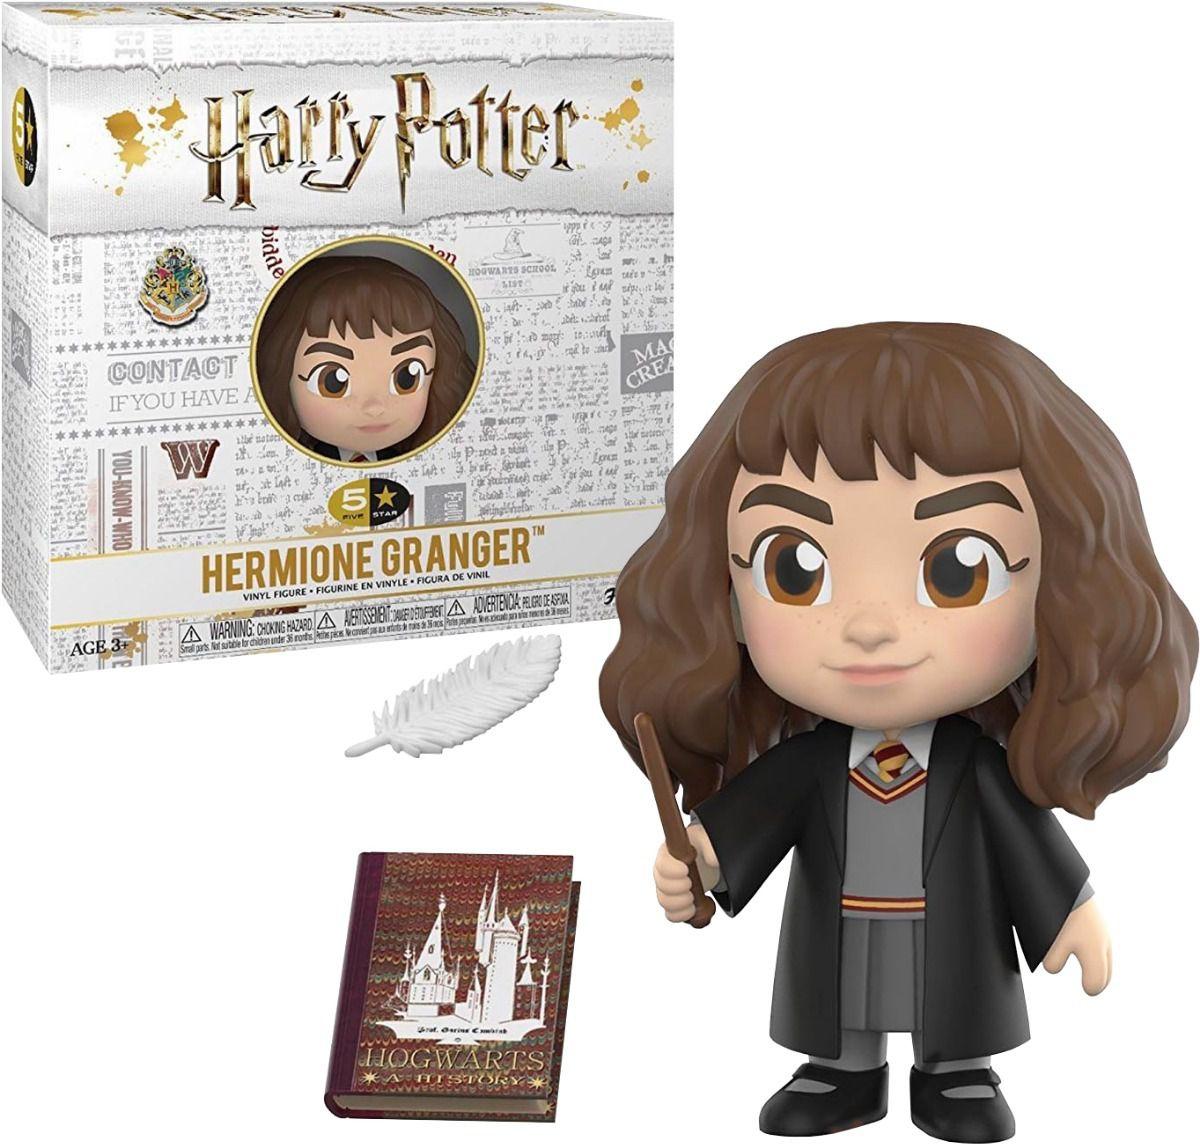 Funko Boneco Hermione Granger: Harry Potter (5 Star) - Funko